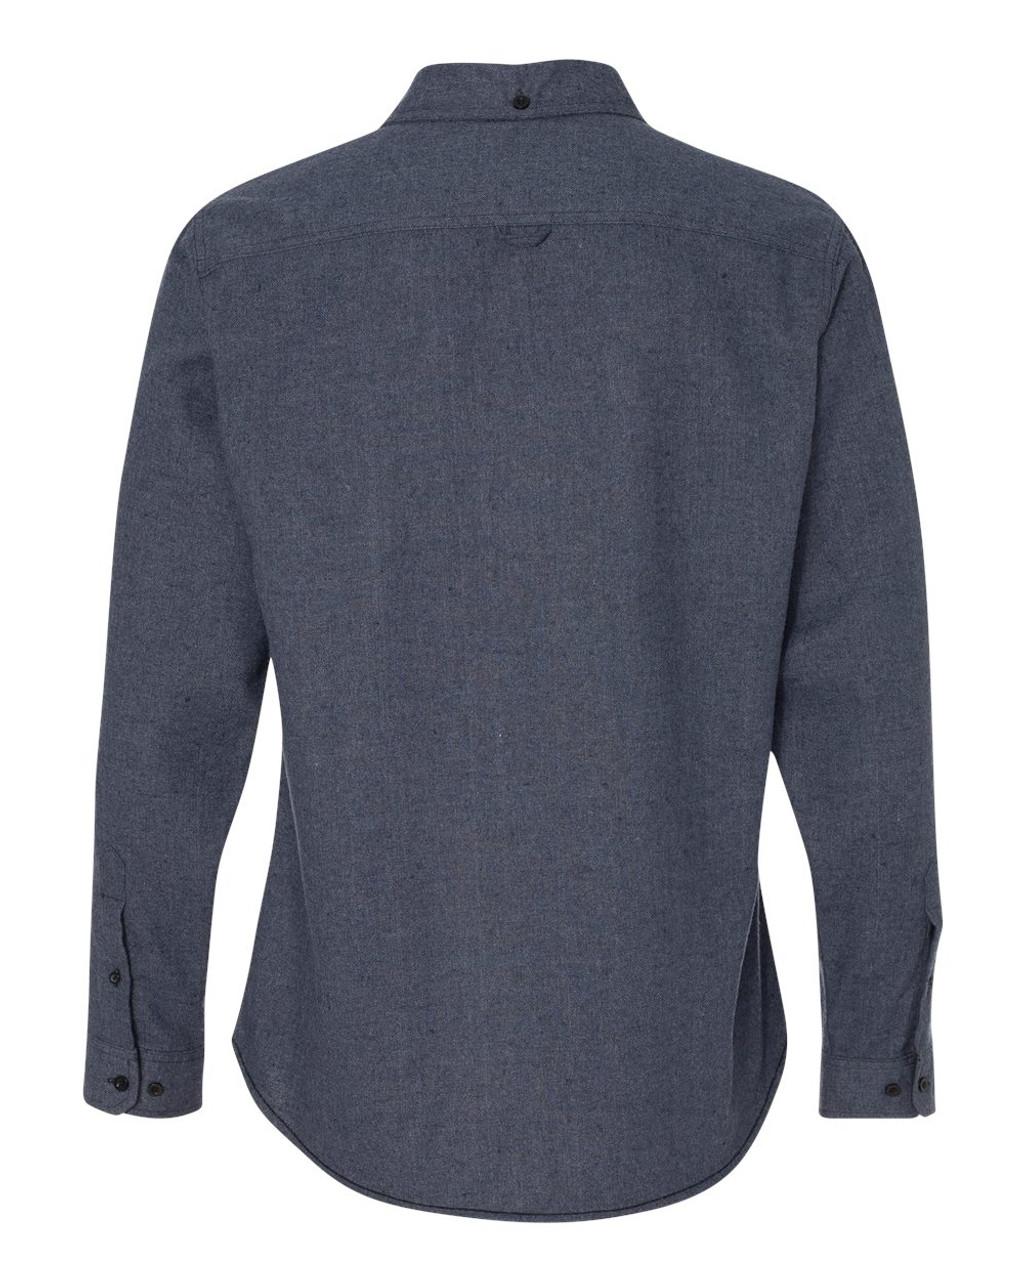 8200 Burnside Men's Solid Flannel   T-shirt.ca